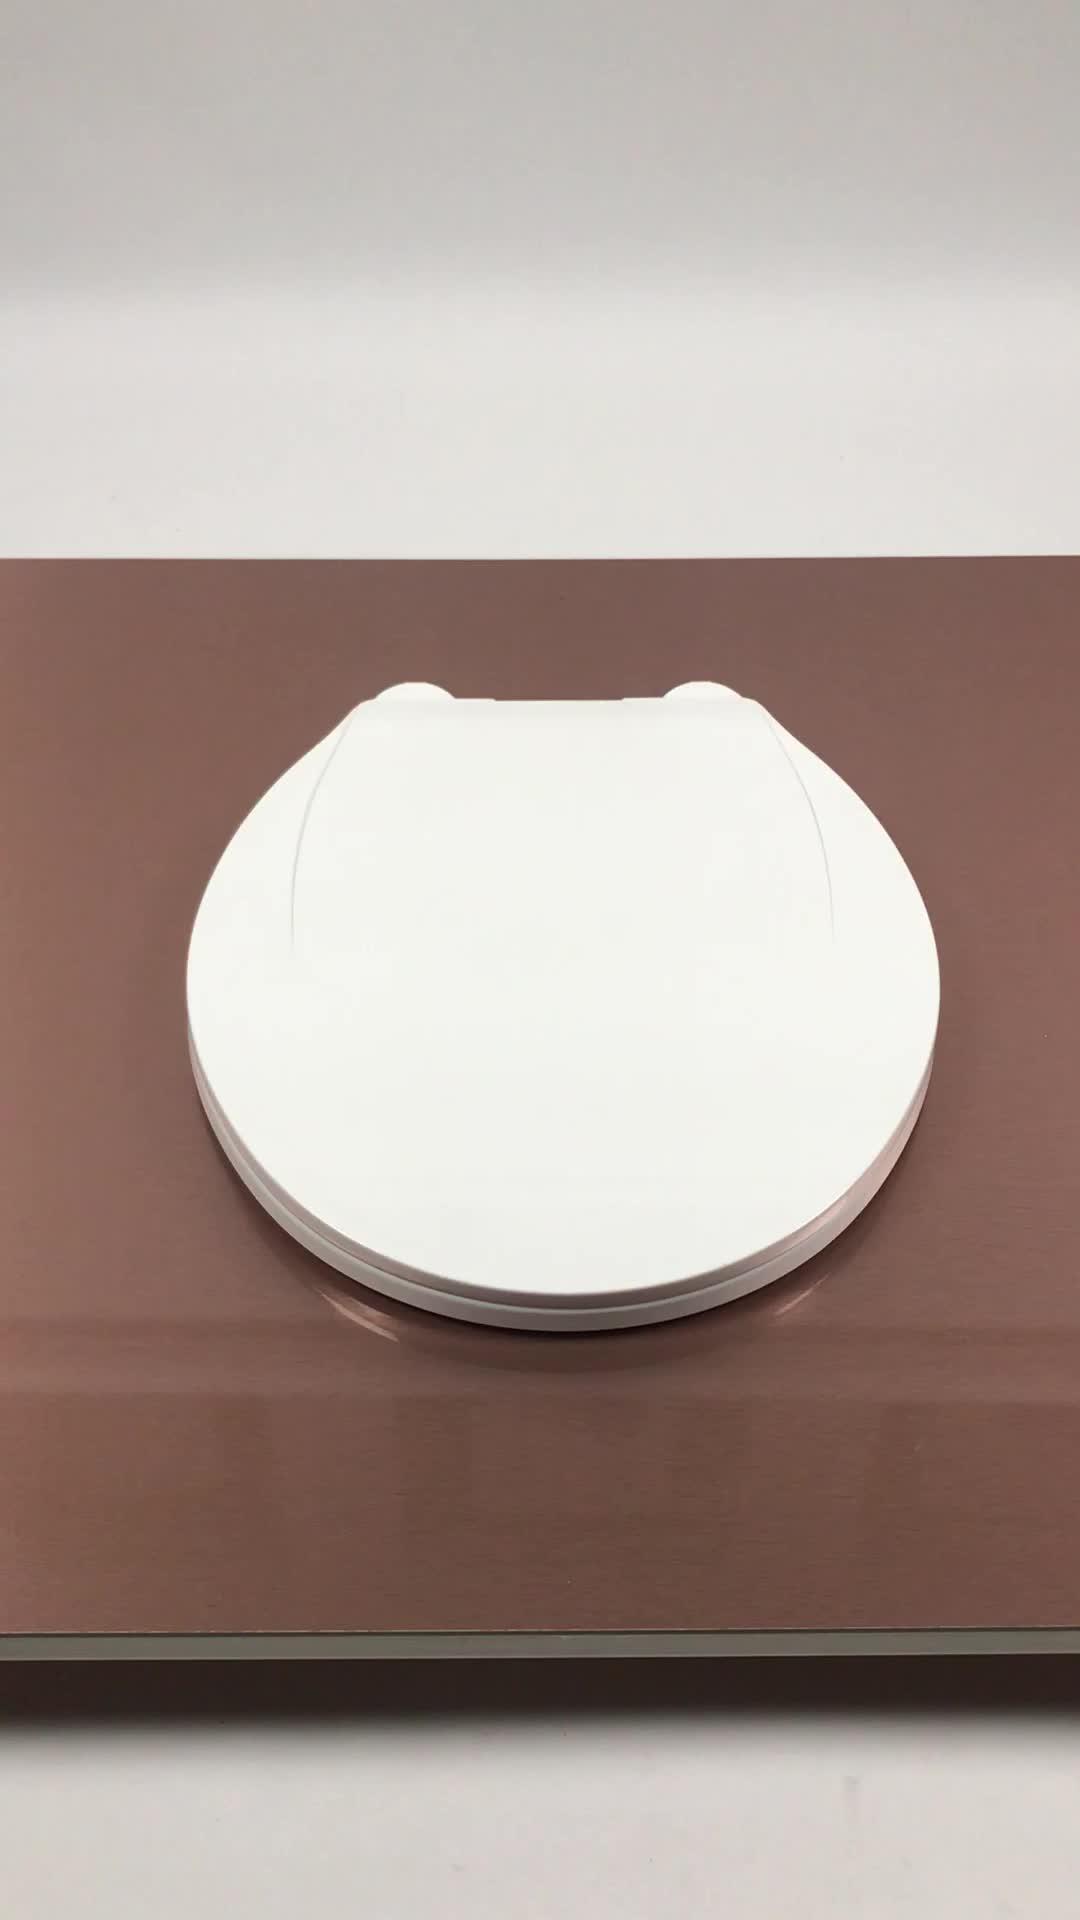 PP material sanitärkeramik runde form wc sitz